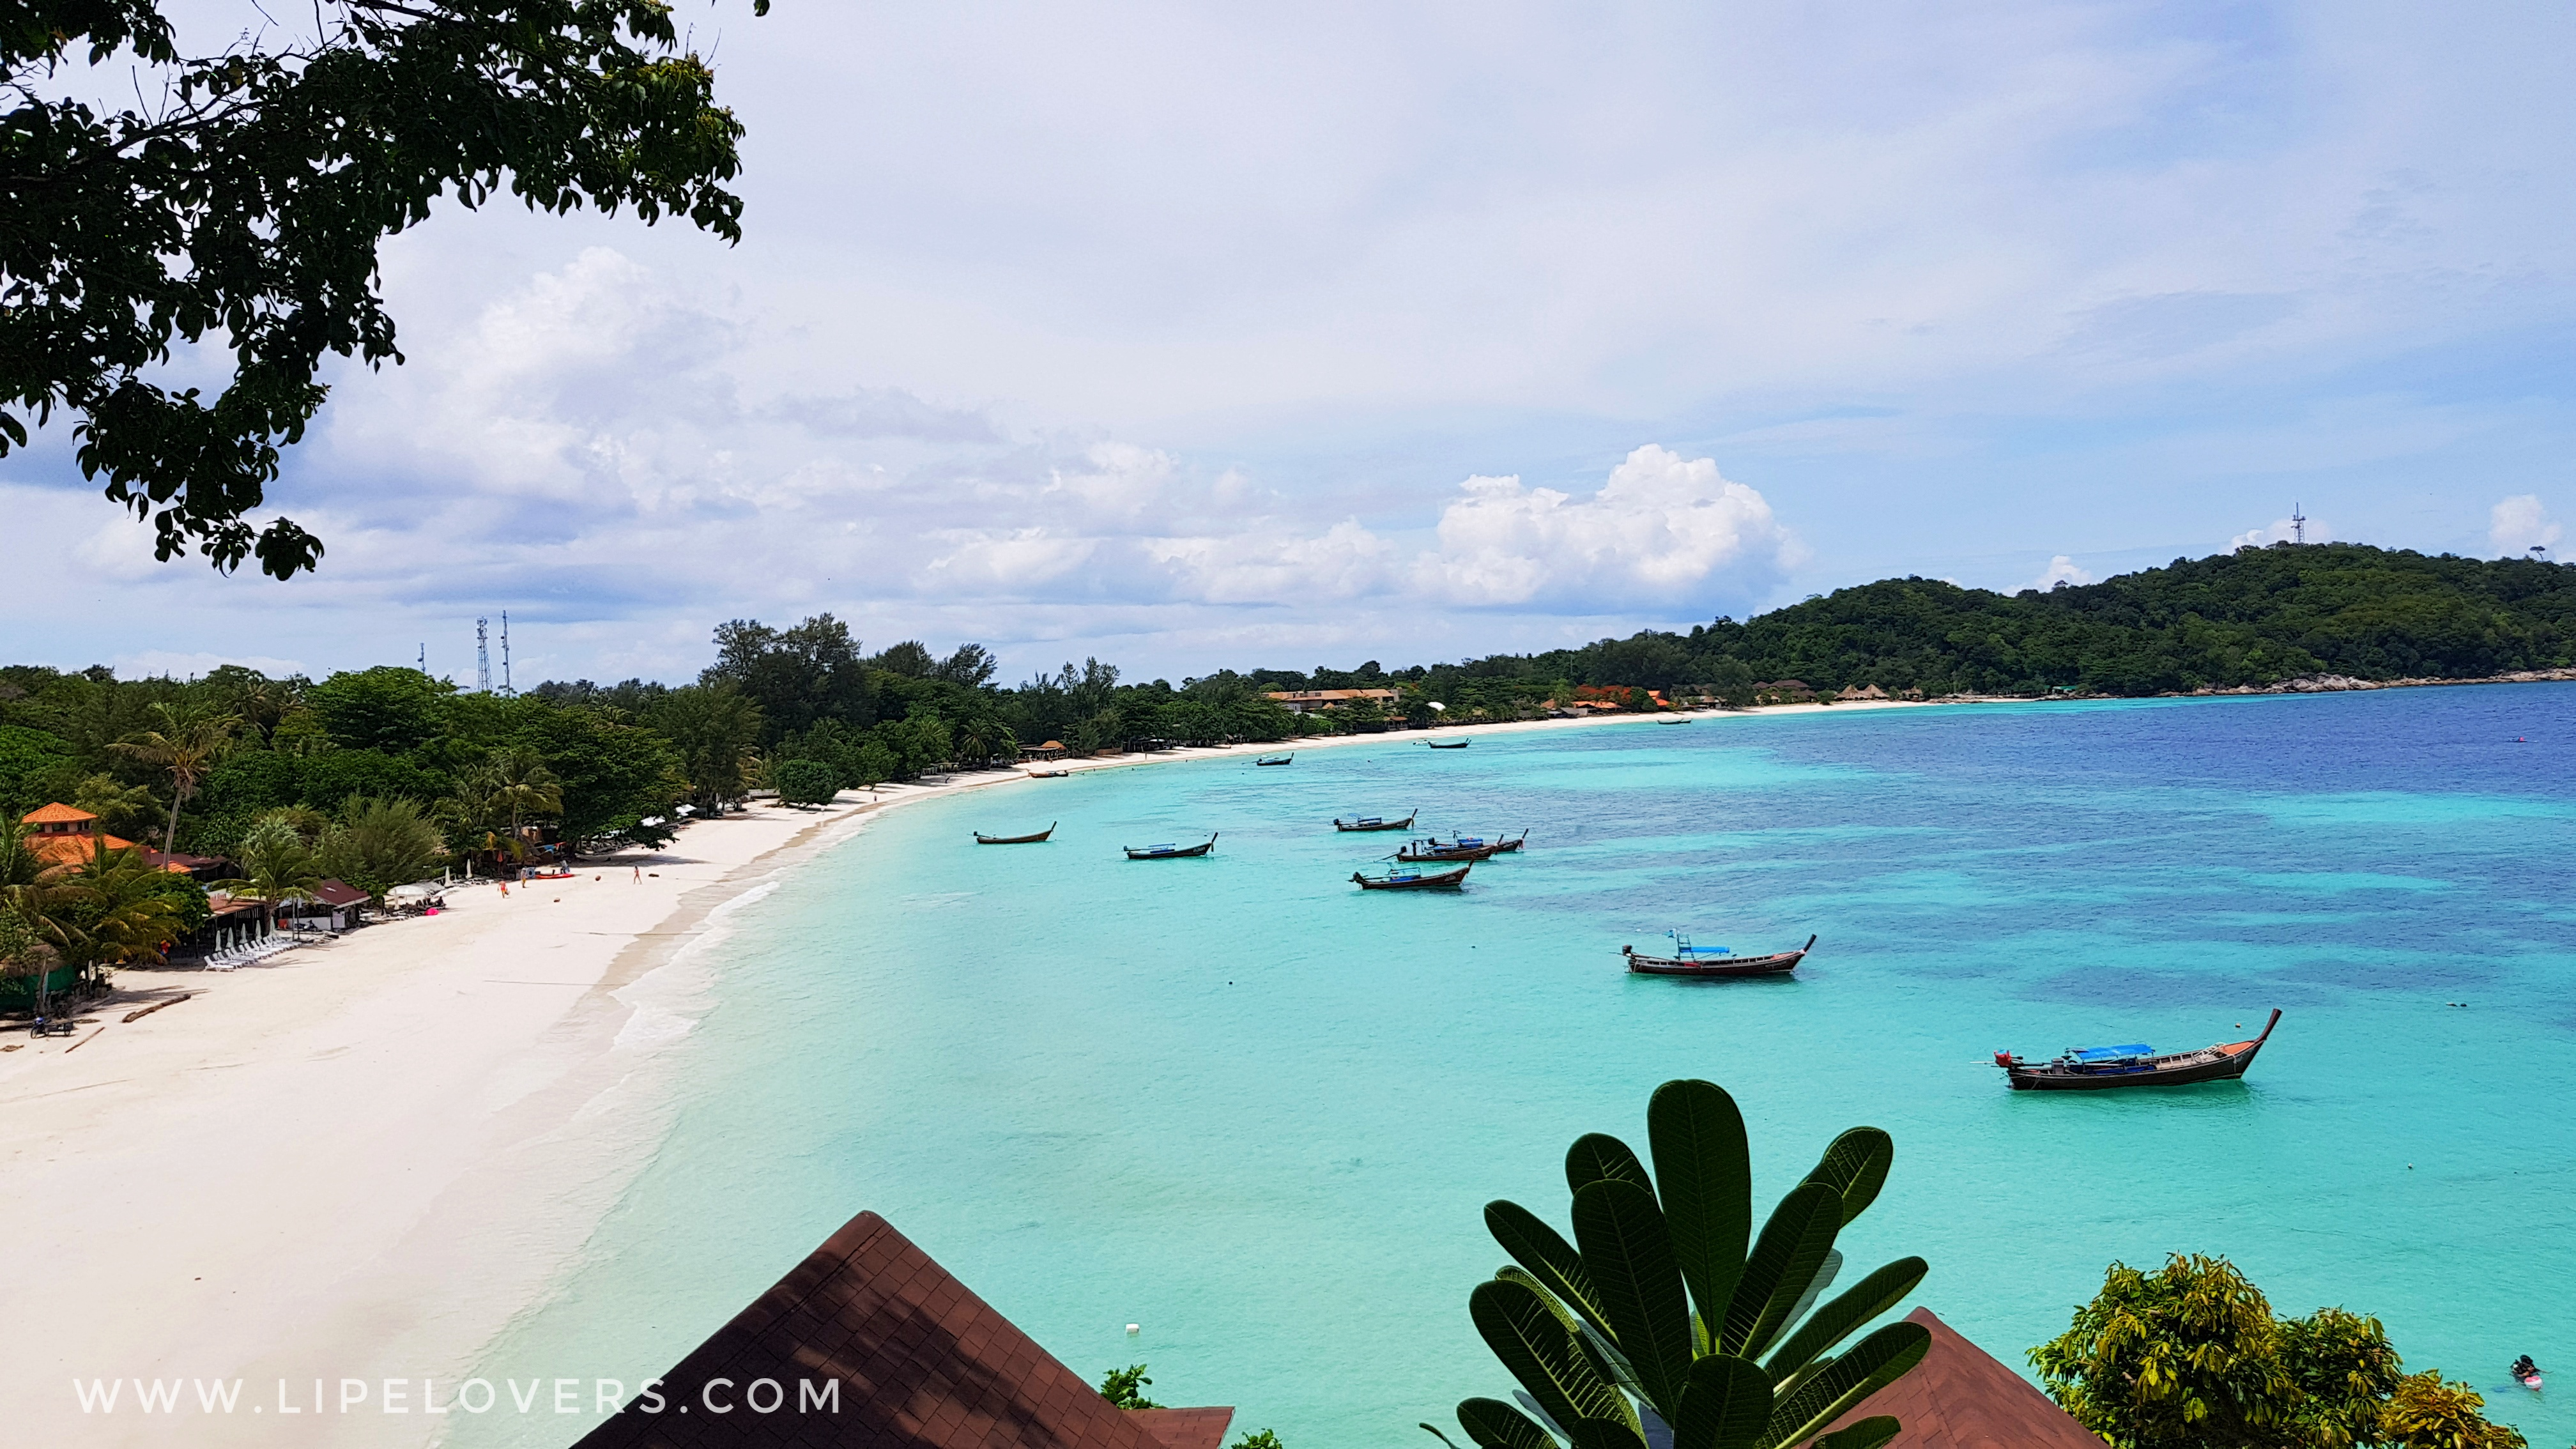 Chareena Hill Beach Resort Lipe